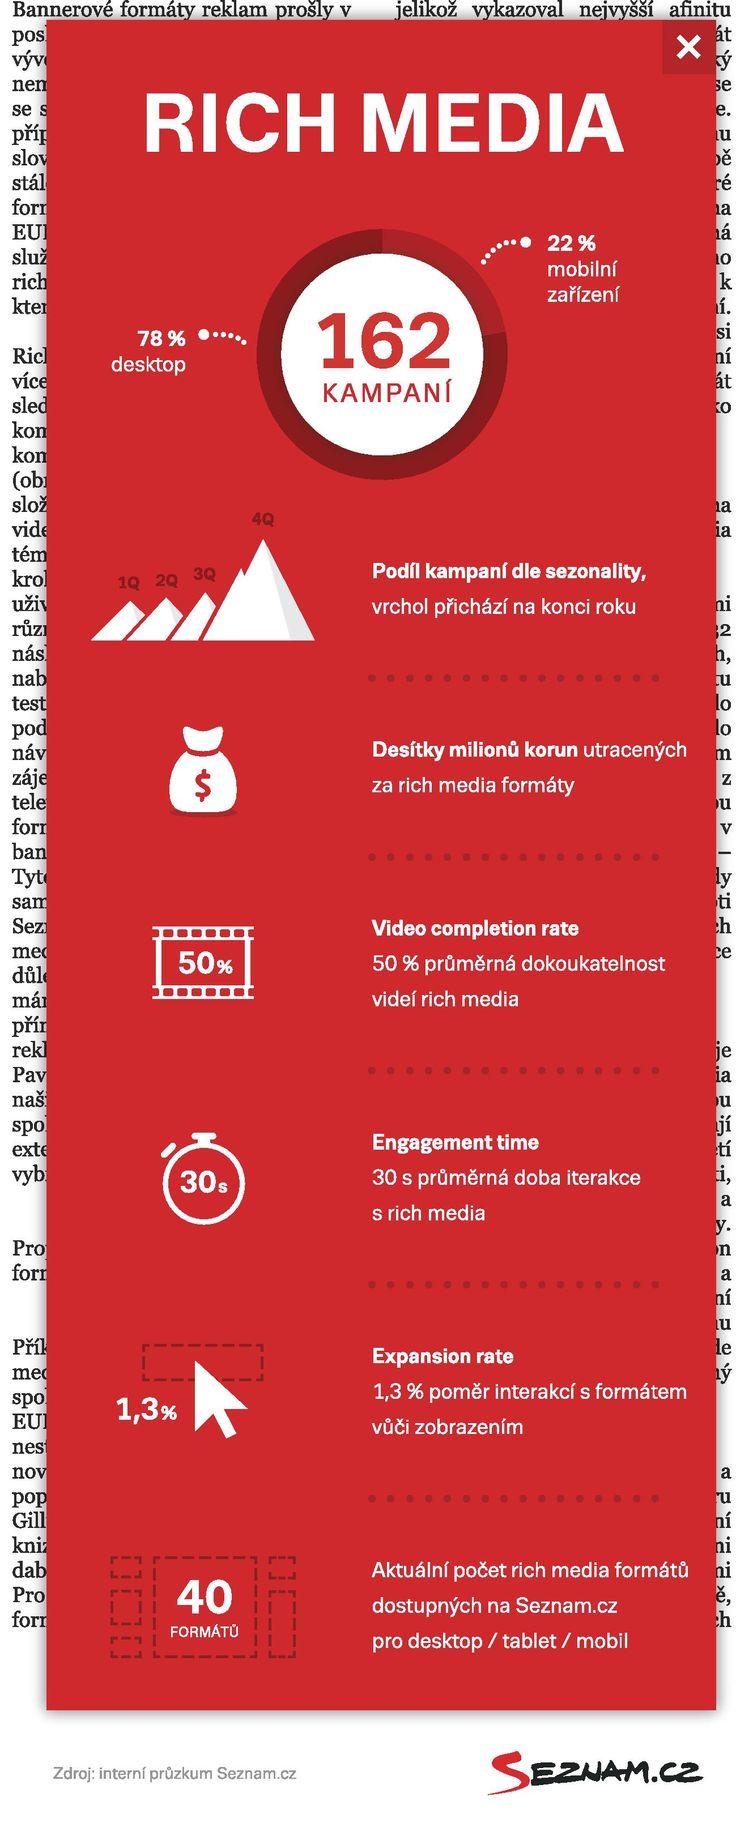 #richmedia Rich media formáty na Seznam.cz v roce 2014